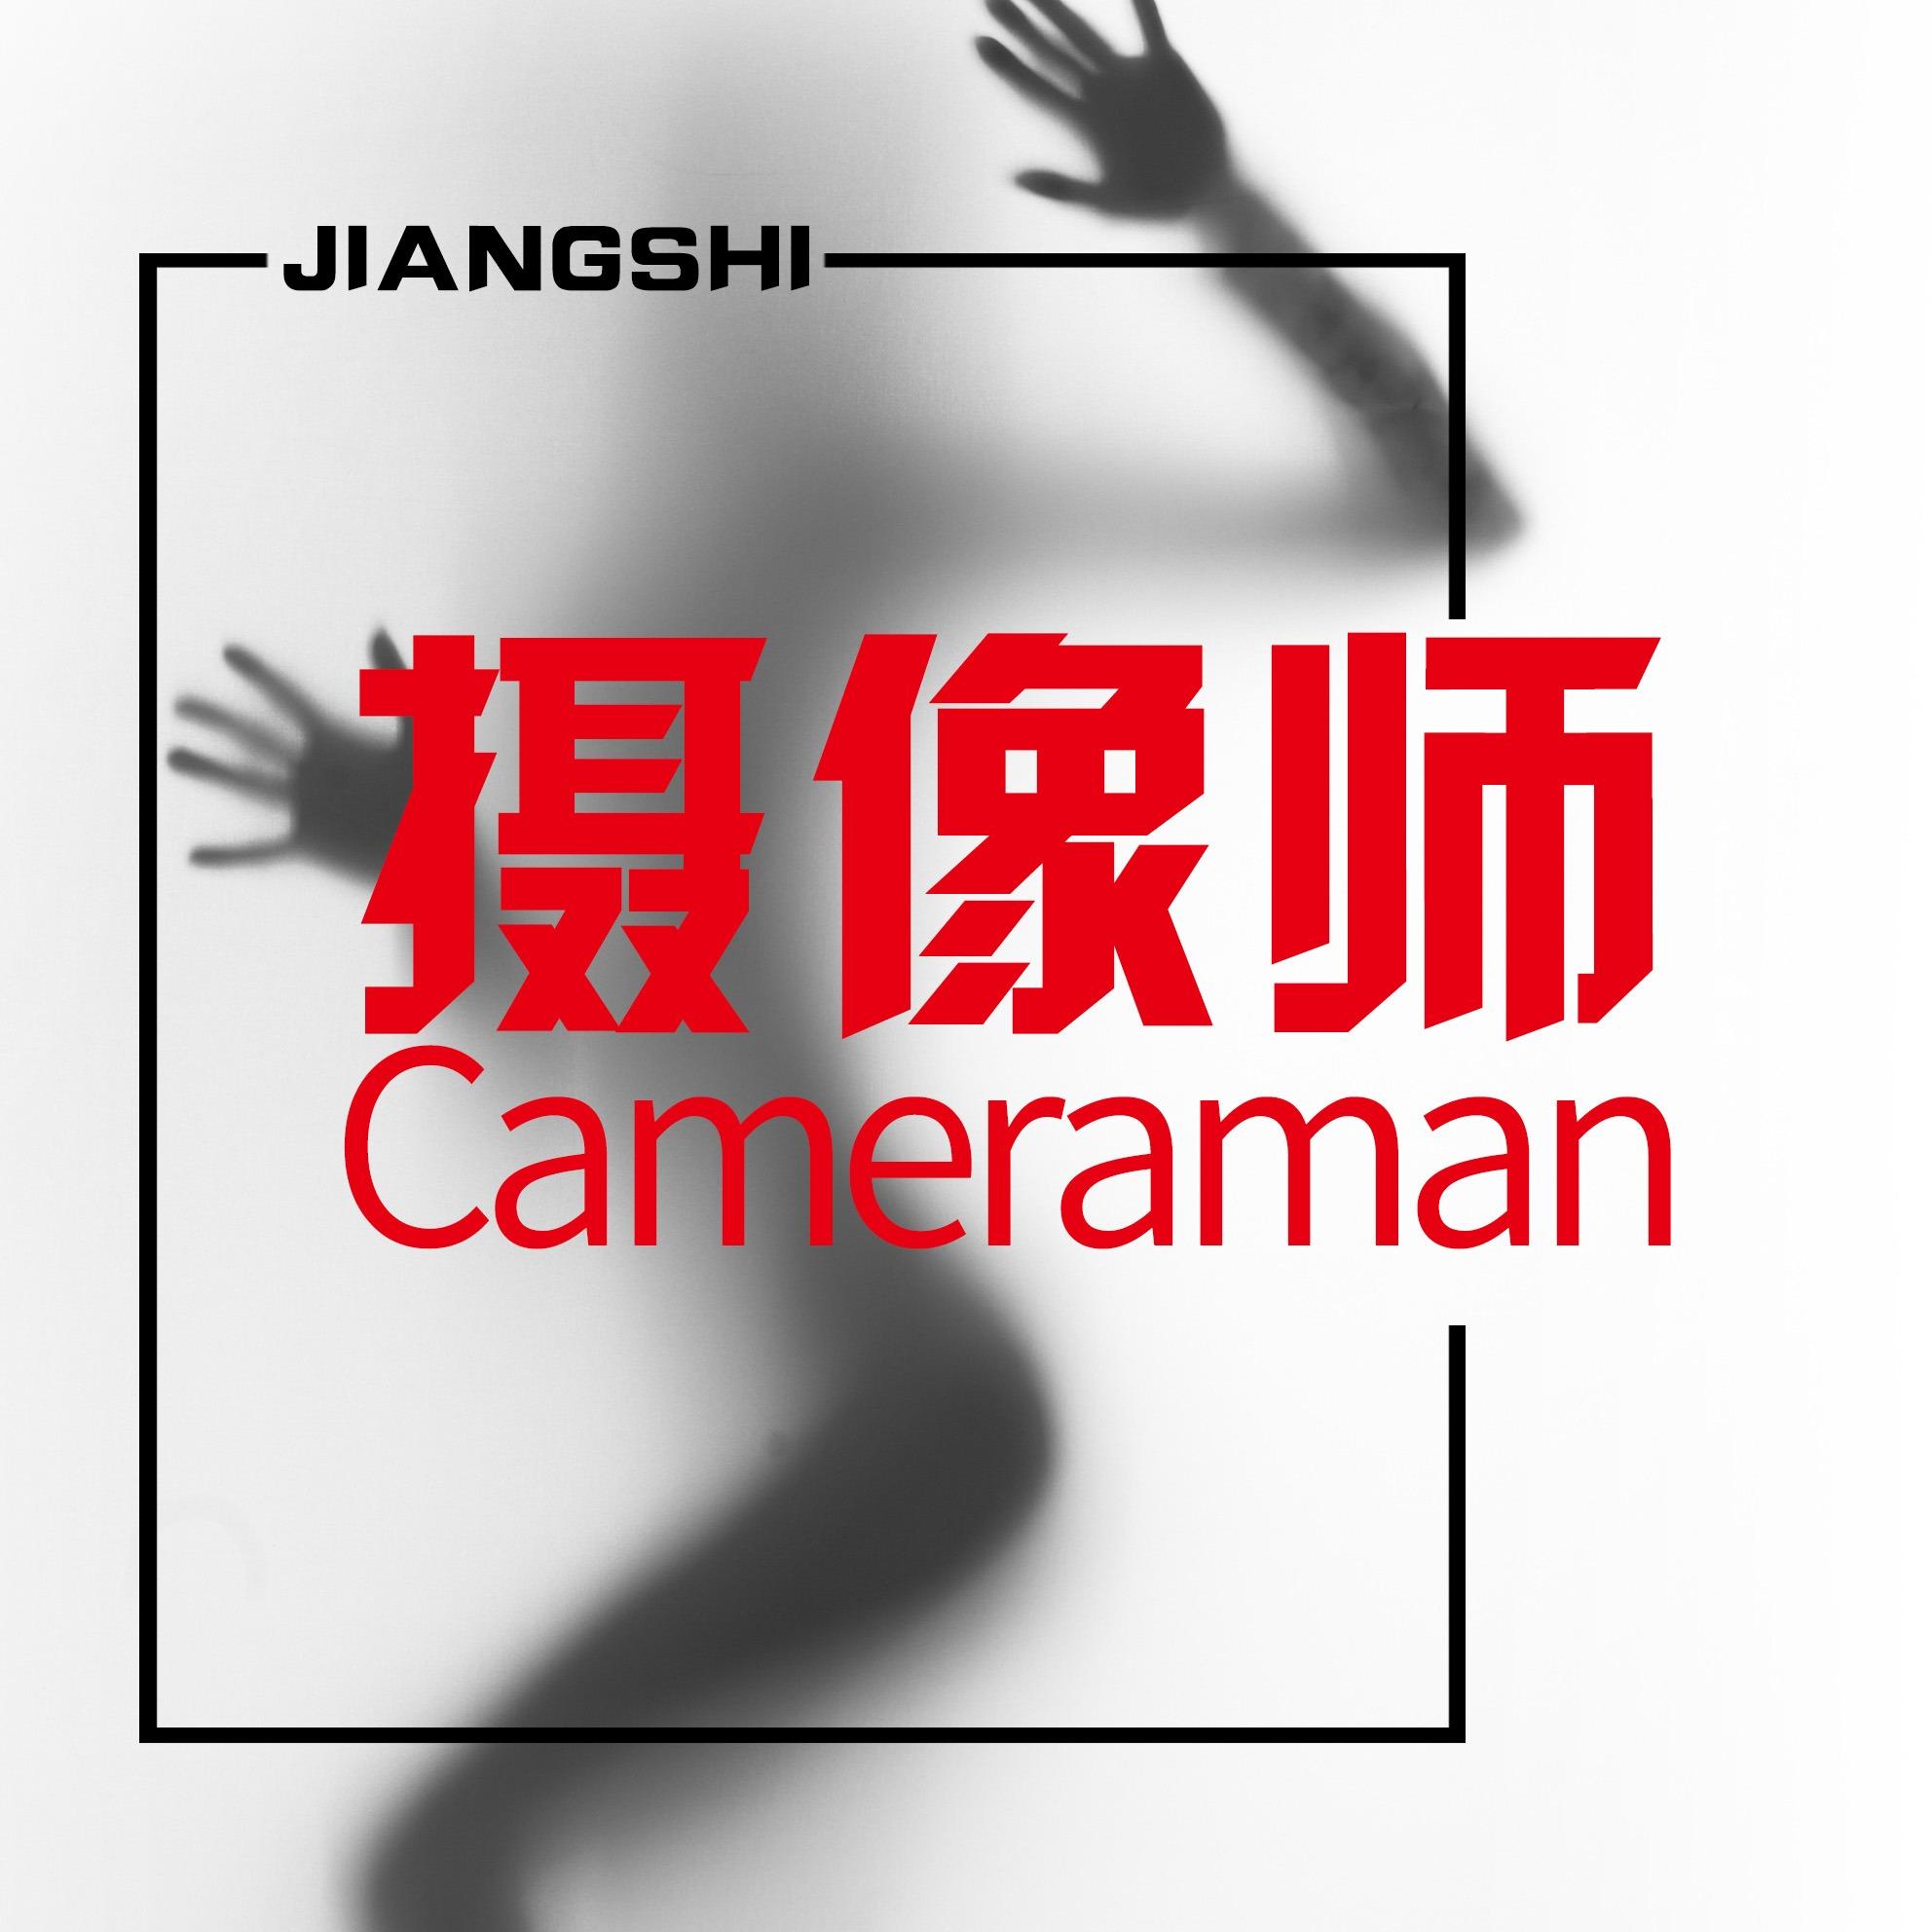 【视频拍摄】会议摄像摄影/活动摄像/视频摄影TVC/视频制作